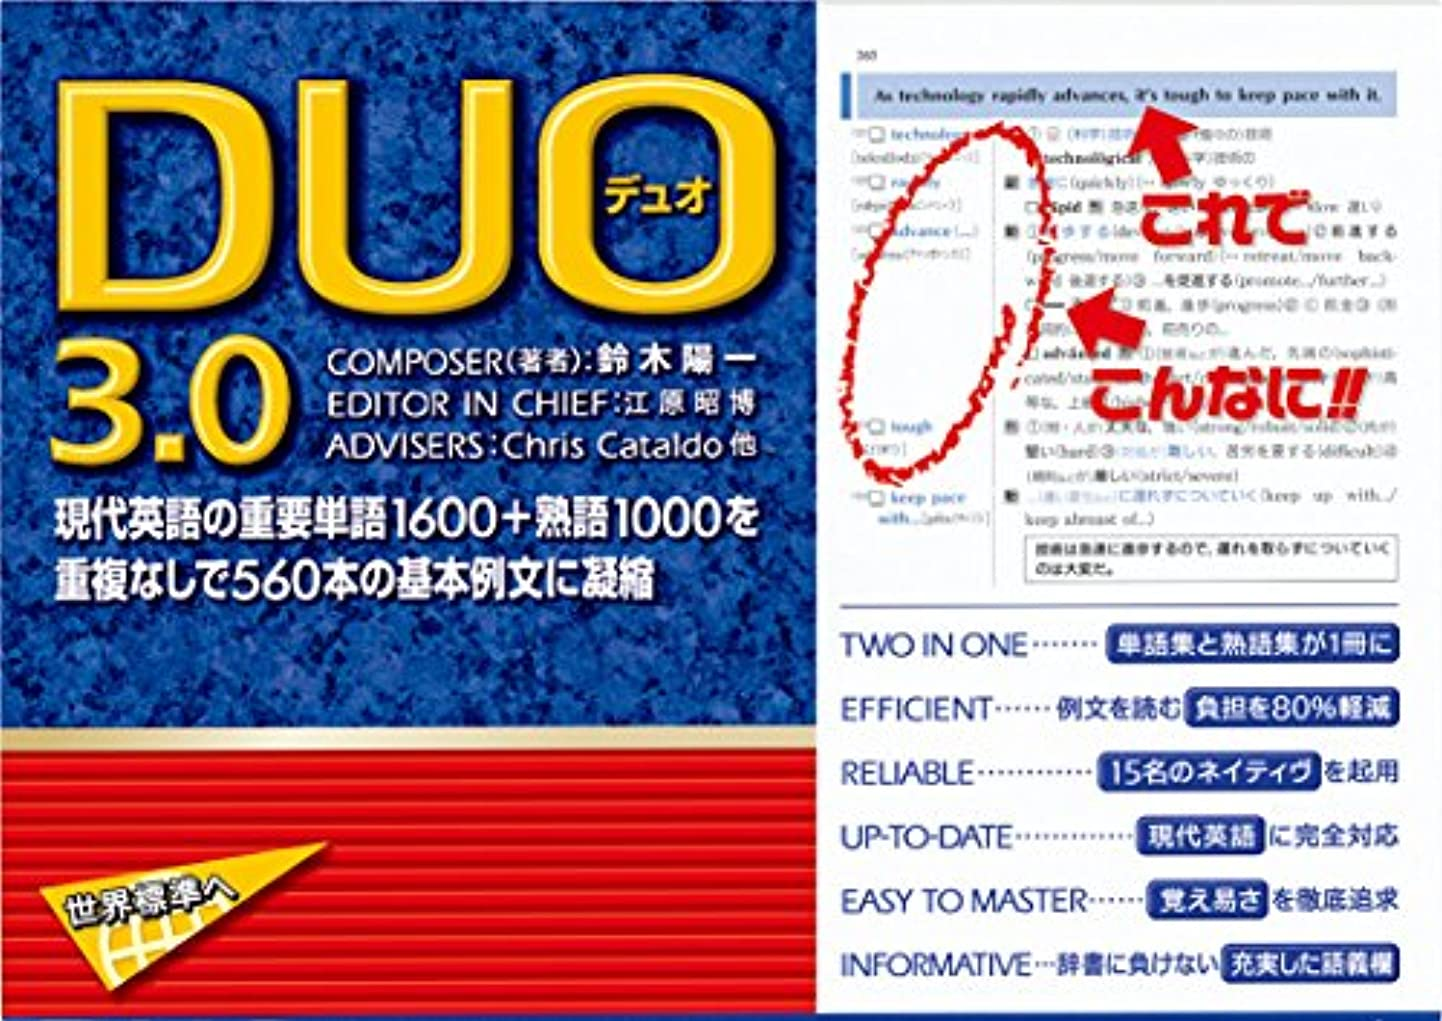 シリアルロゴ気を散らすDUO 3.0